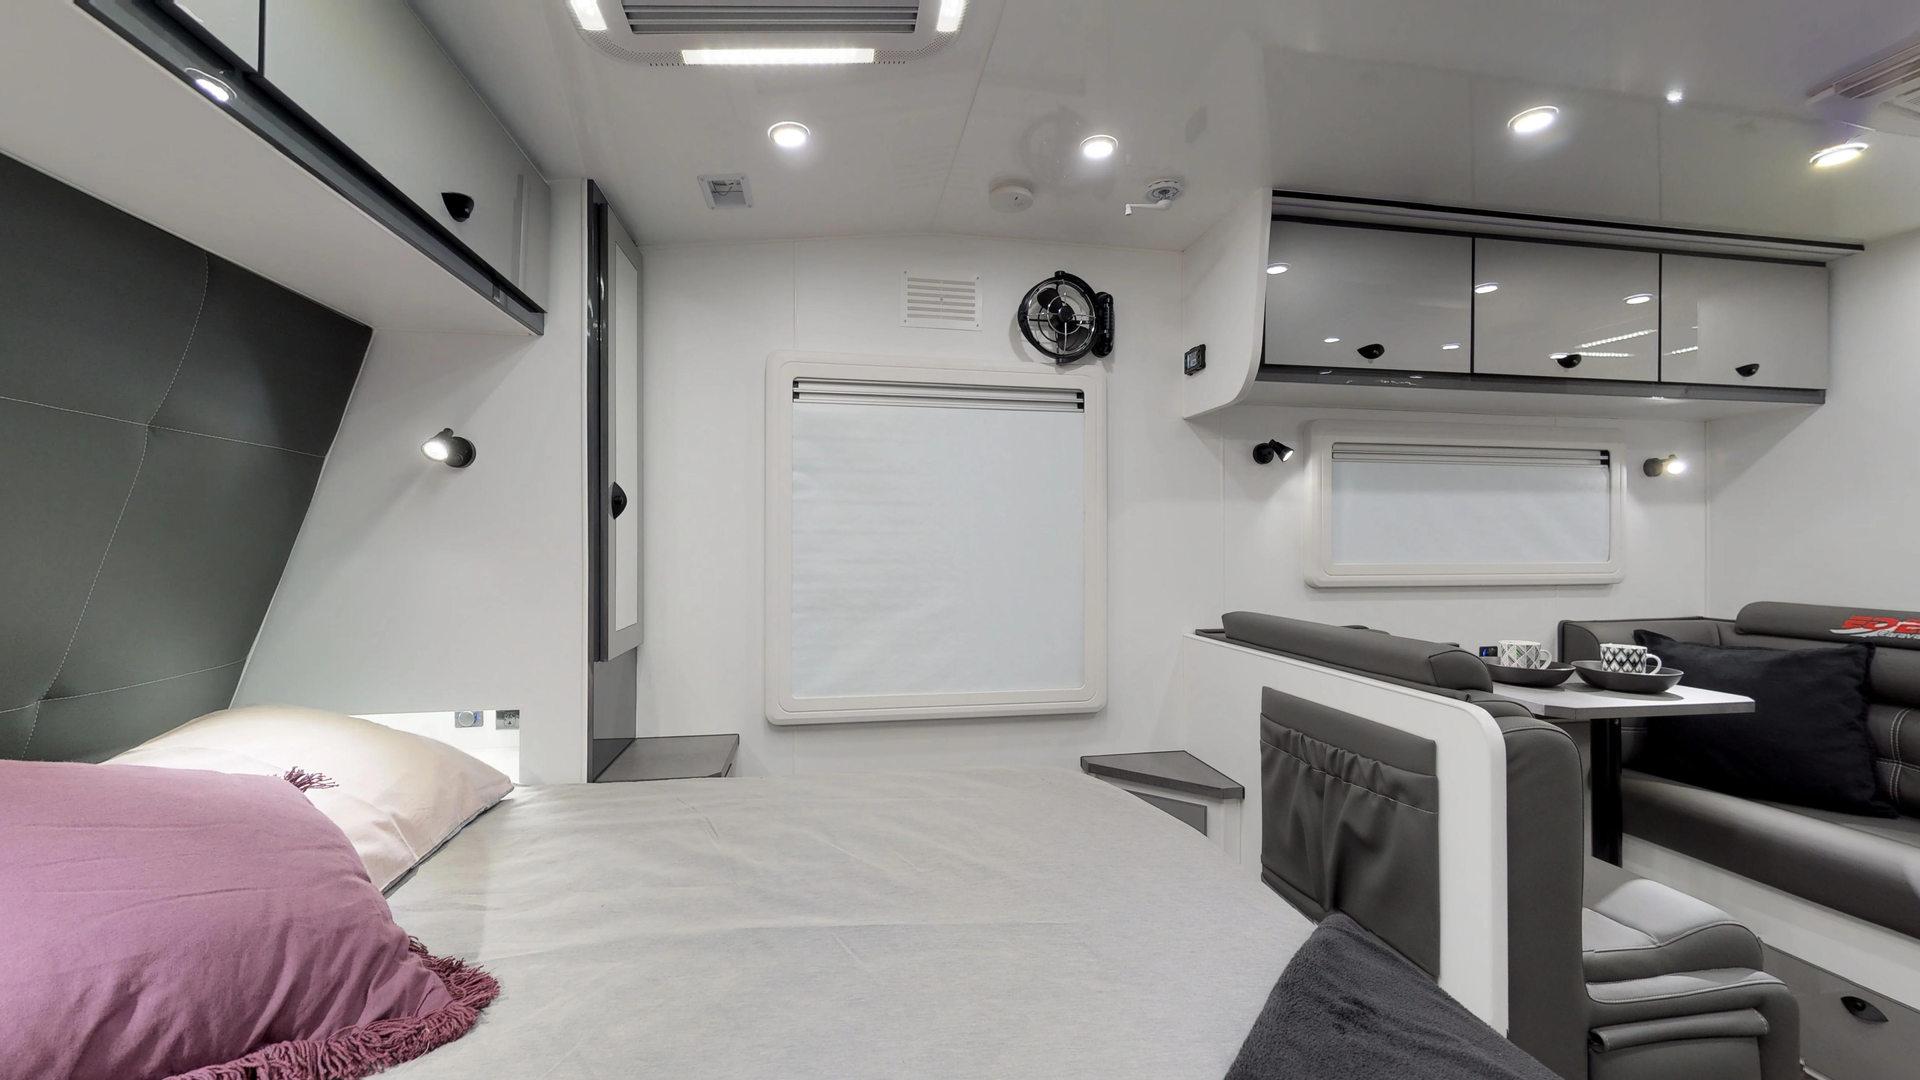 Trackvan XT 22 Built by Eden Caravans